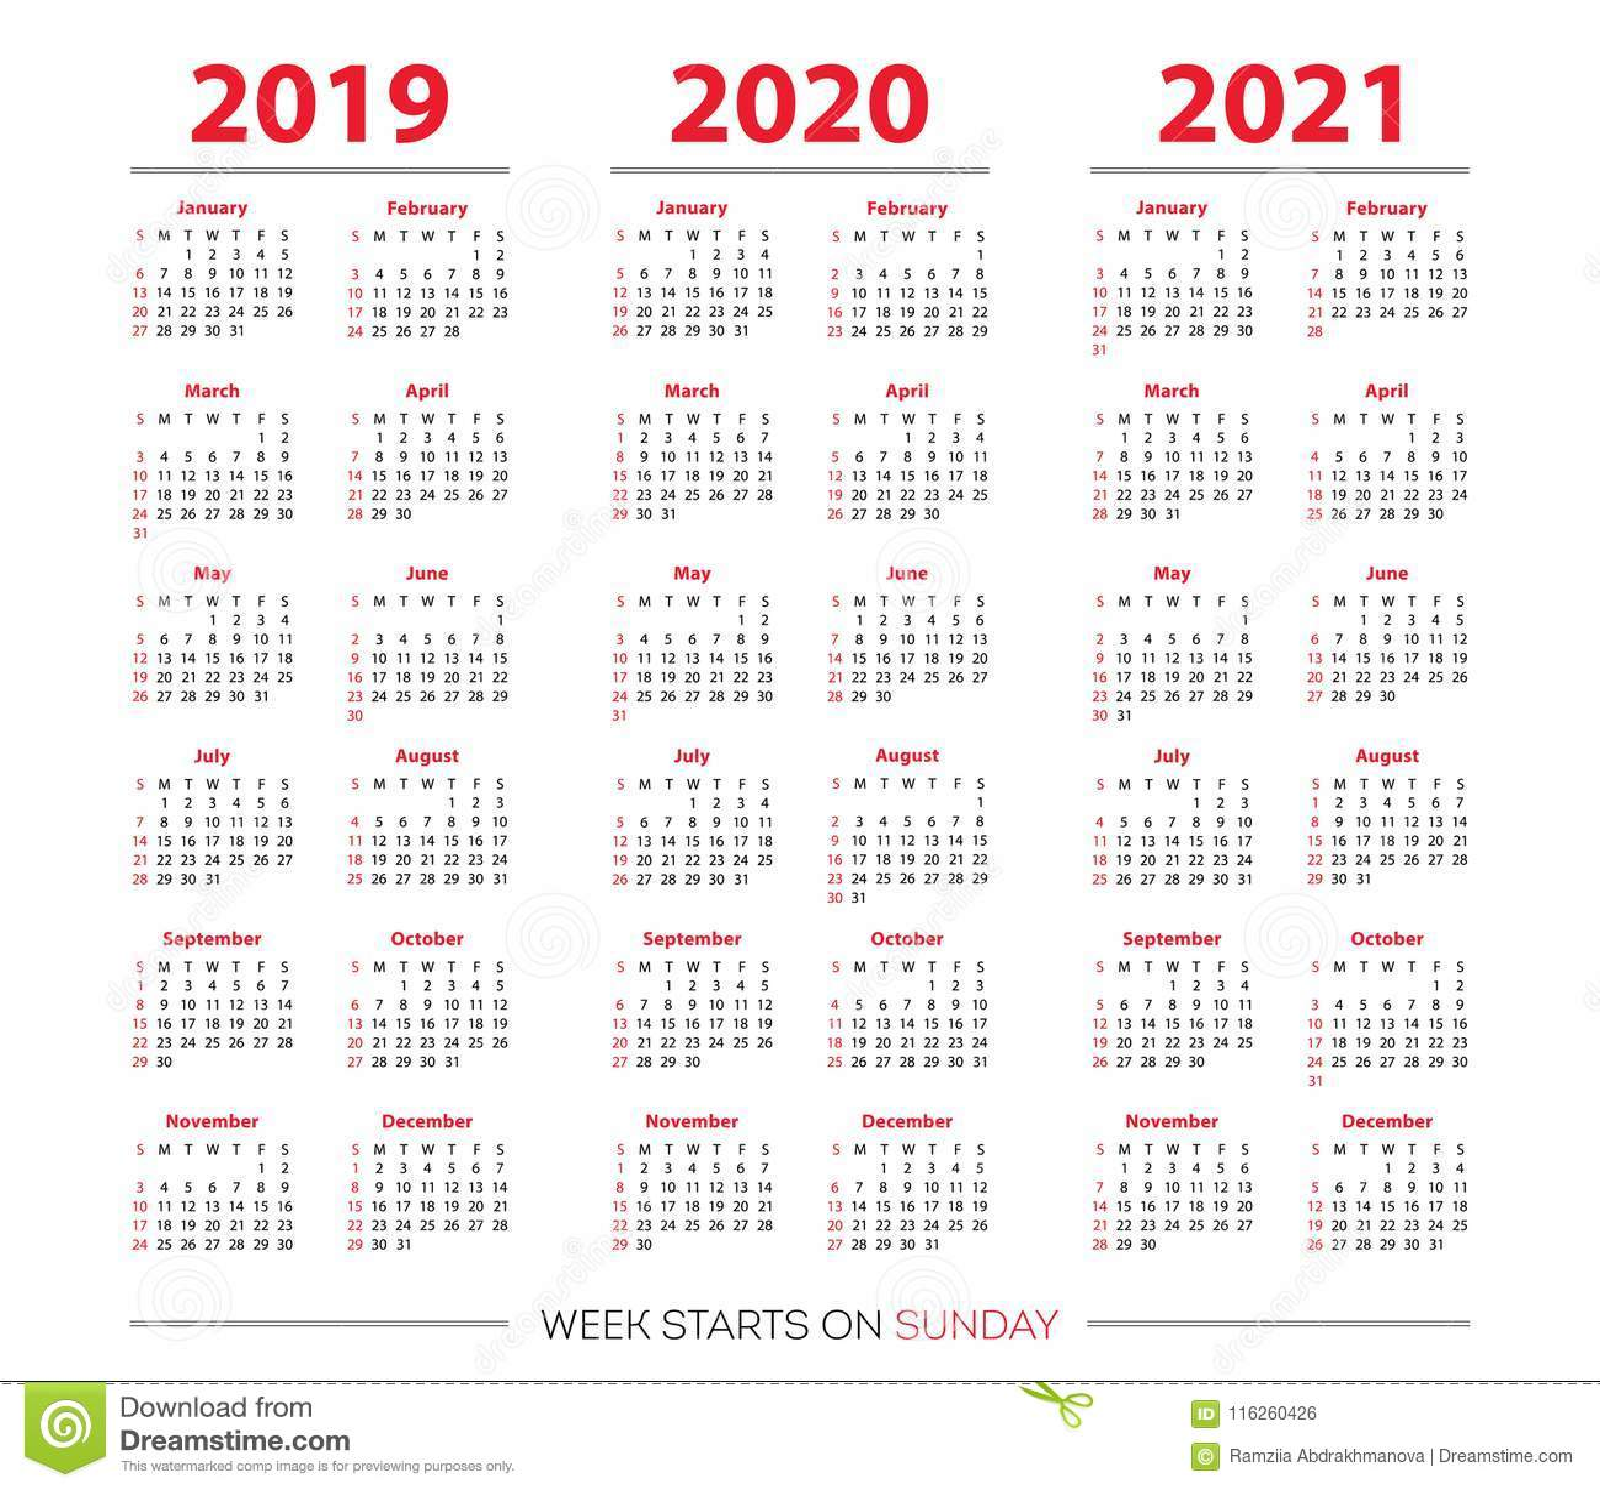 Calendrier 2019 Et 2021 Calendrier 2019, Ensemble 2020 Et 2021 Débuts De Semaine Dimanche